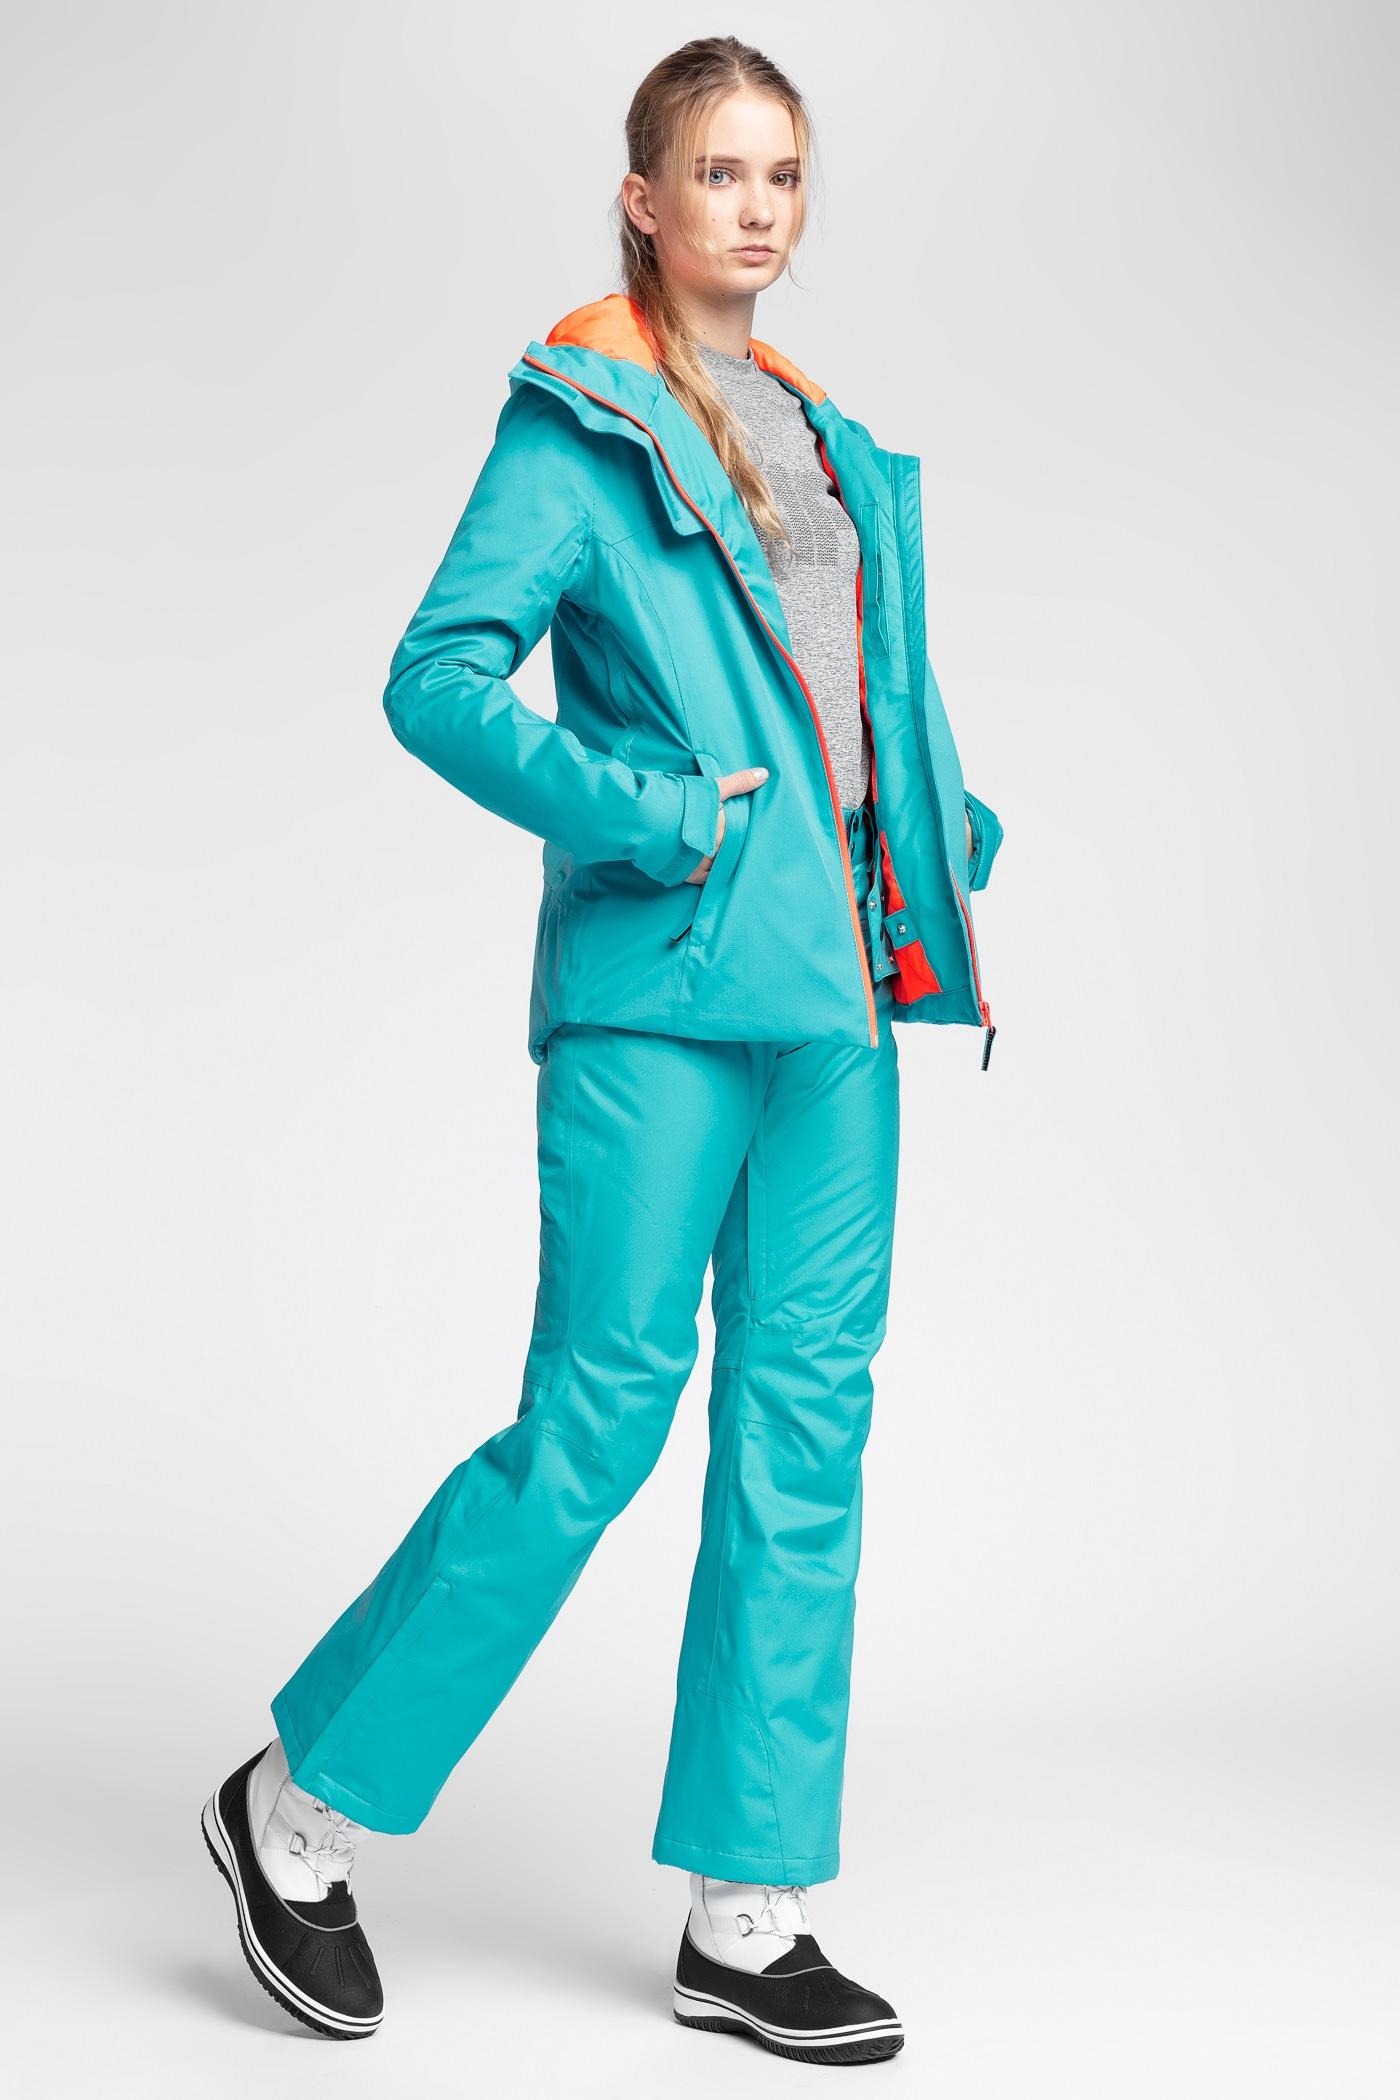 7c1a745159a59 Kurtka narciarska damska KUDN301 - błękit turkusowy